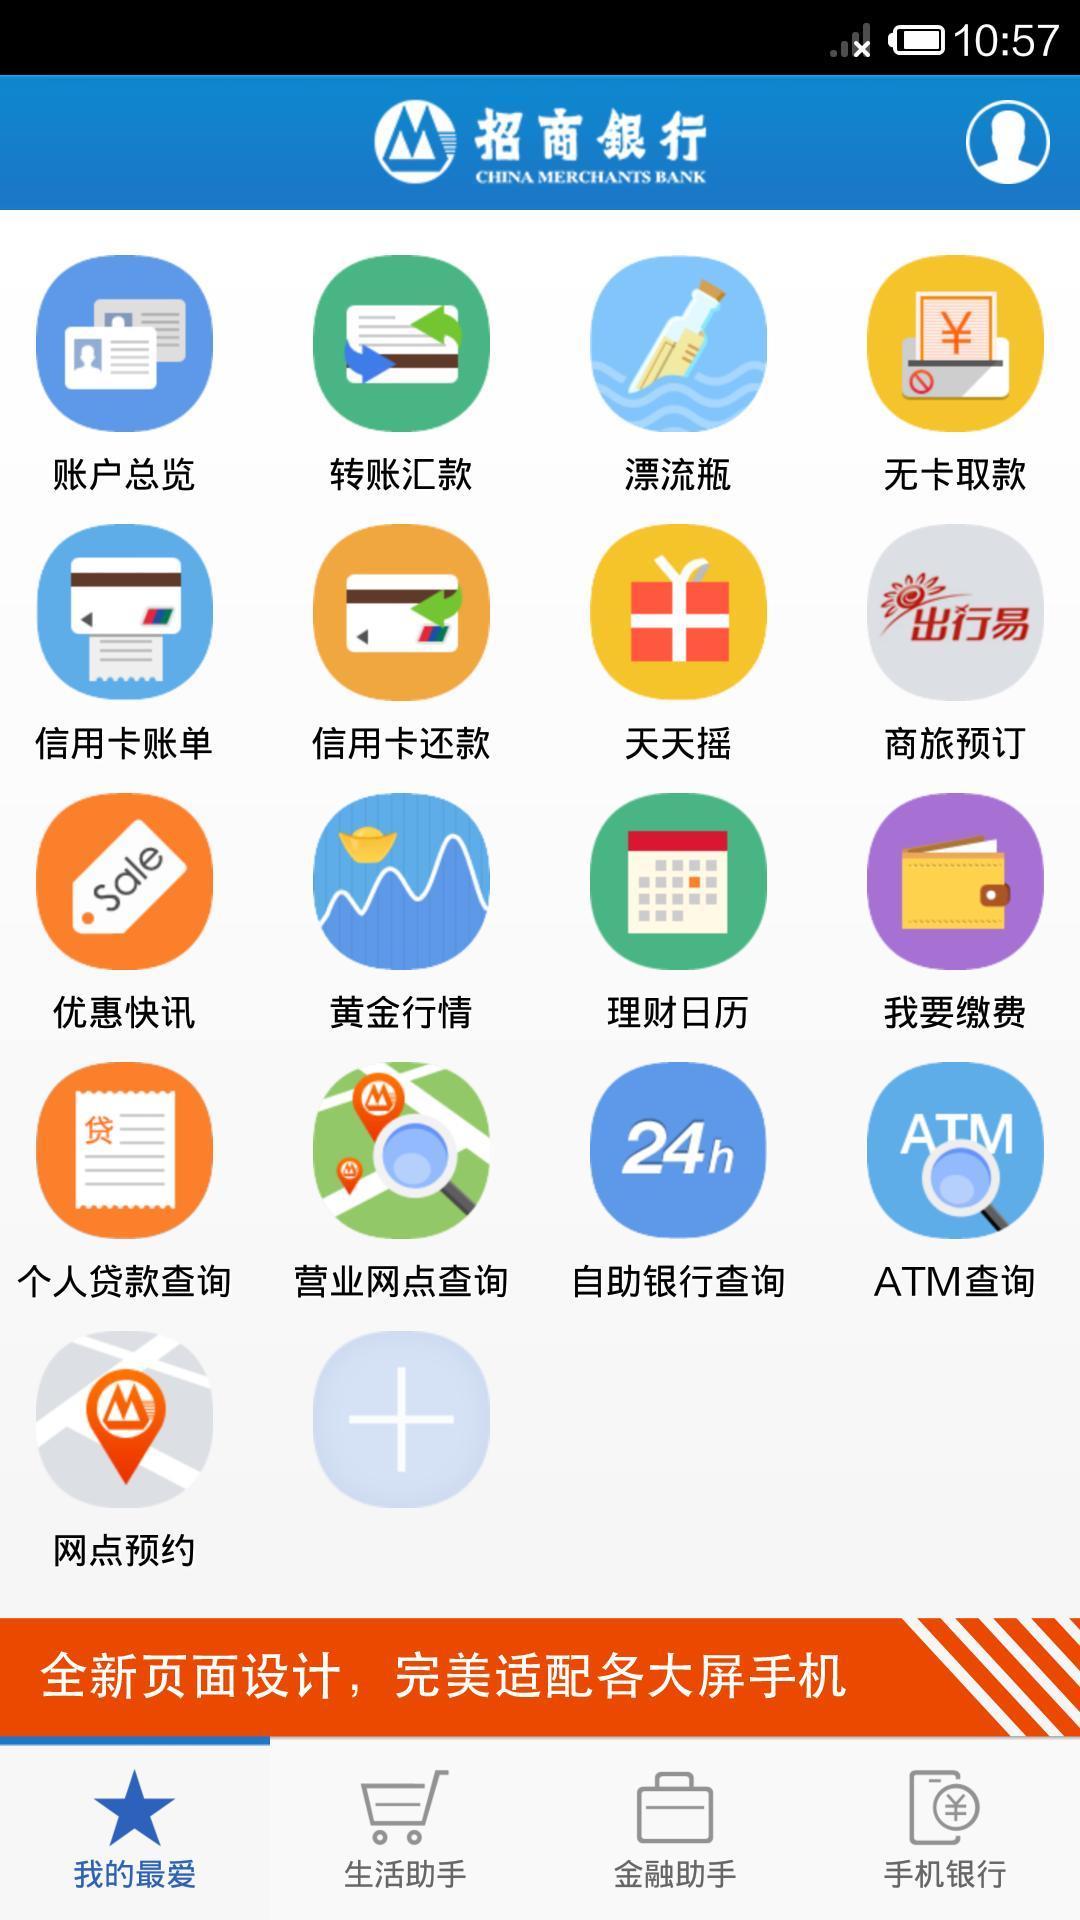 中國銀行全球門戶網站